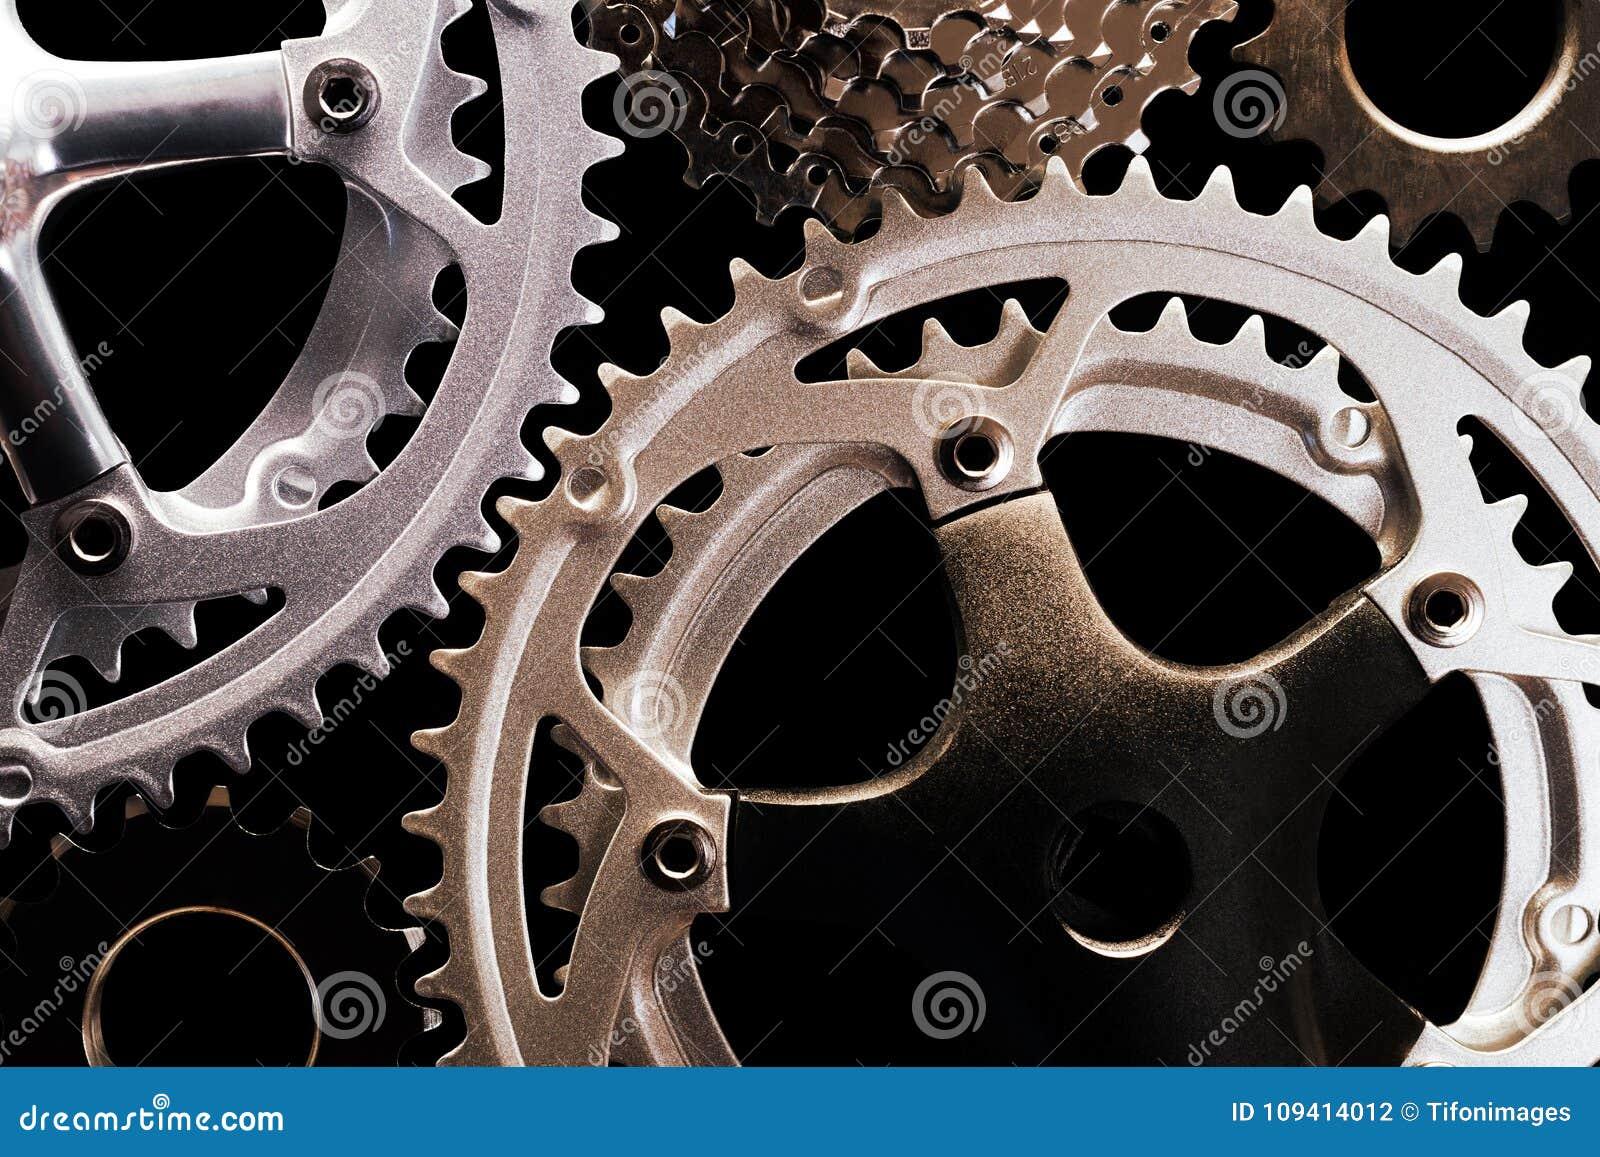 Engrenagens da bicicleta no fundo preto